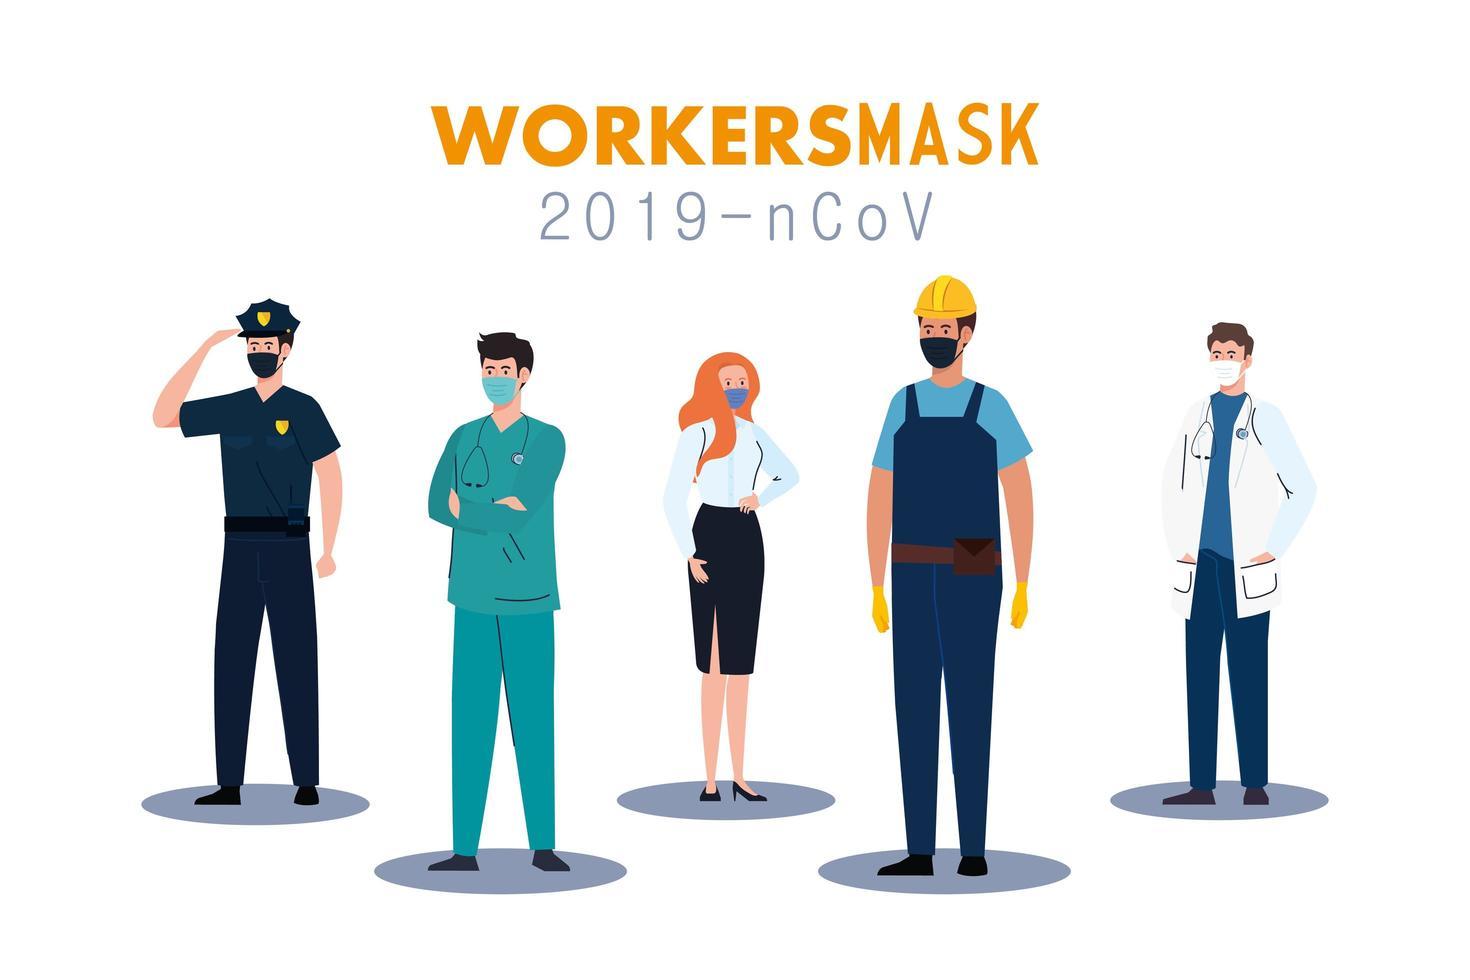 Trabajadores de personas con uniformes y máscaras de trabajadores diseño vectorial vector